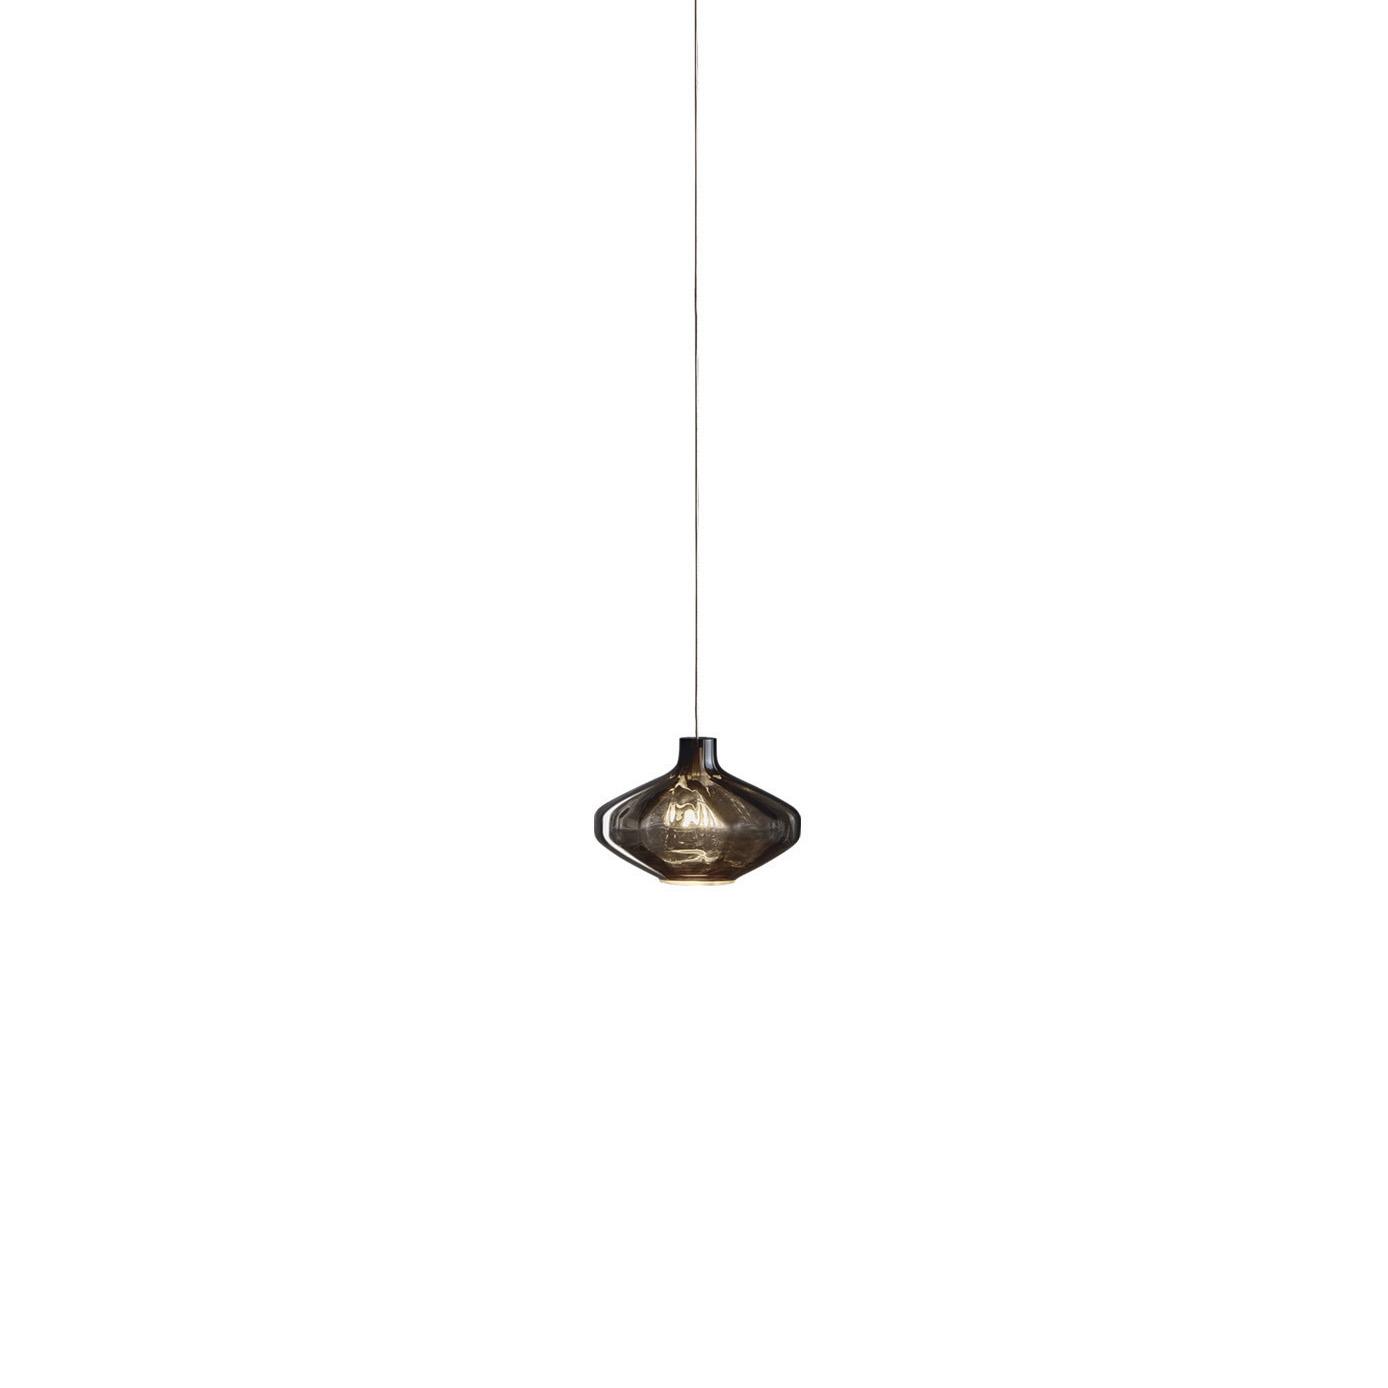 STENG LICHT GmbH Steng LED-Pendelleuchte GLORI-A L Kristallglas X1010-NG-GGA-L